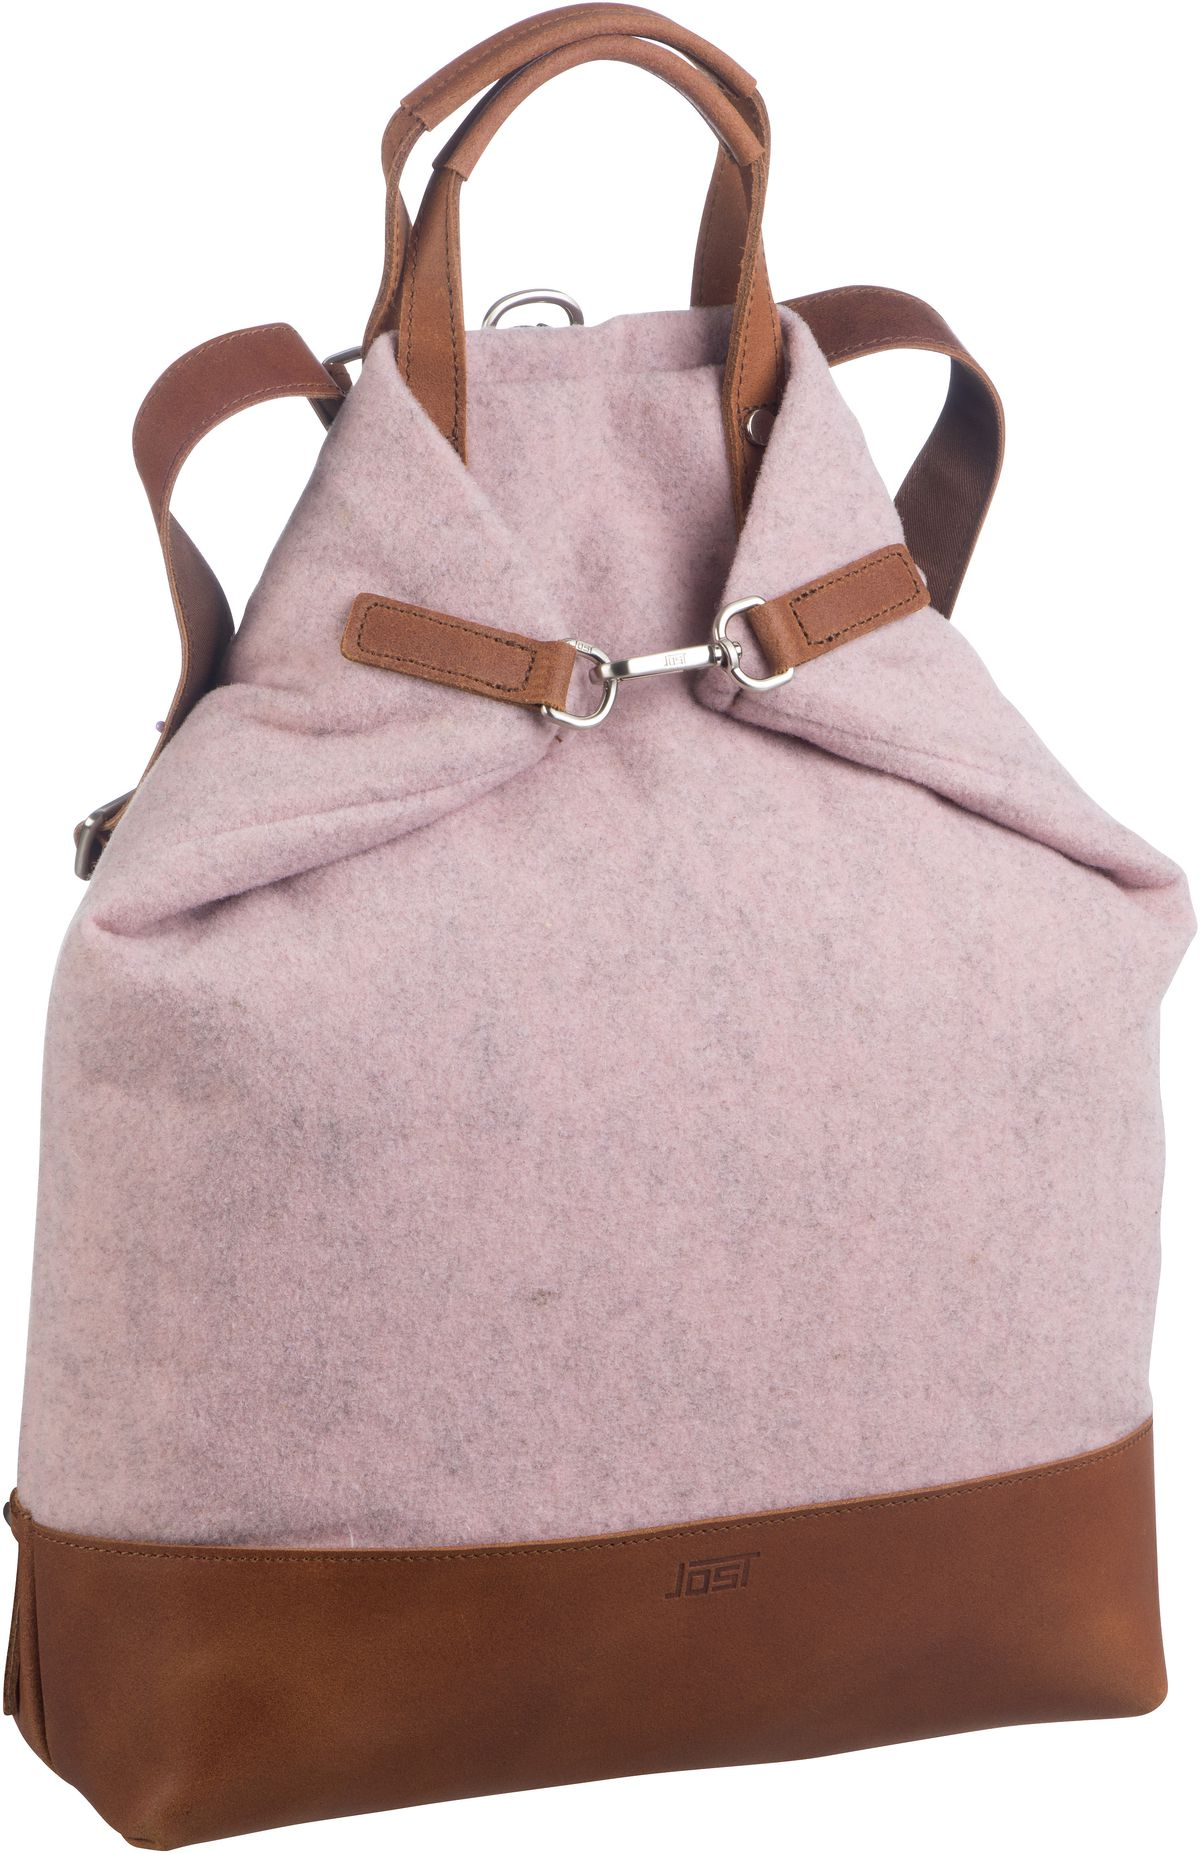 Rucksack / Daypack Farum 3033 X-Change 3in1 Bag M Rosewood